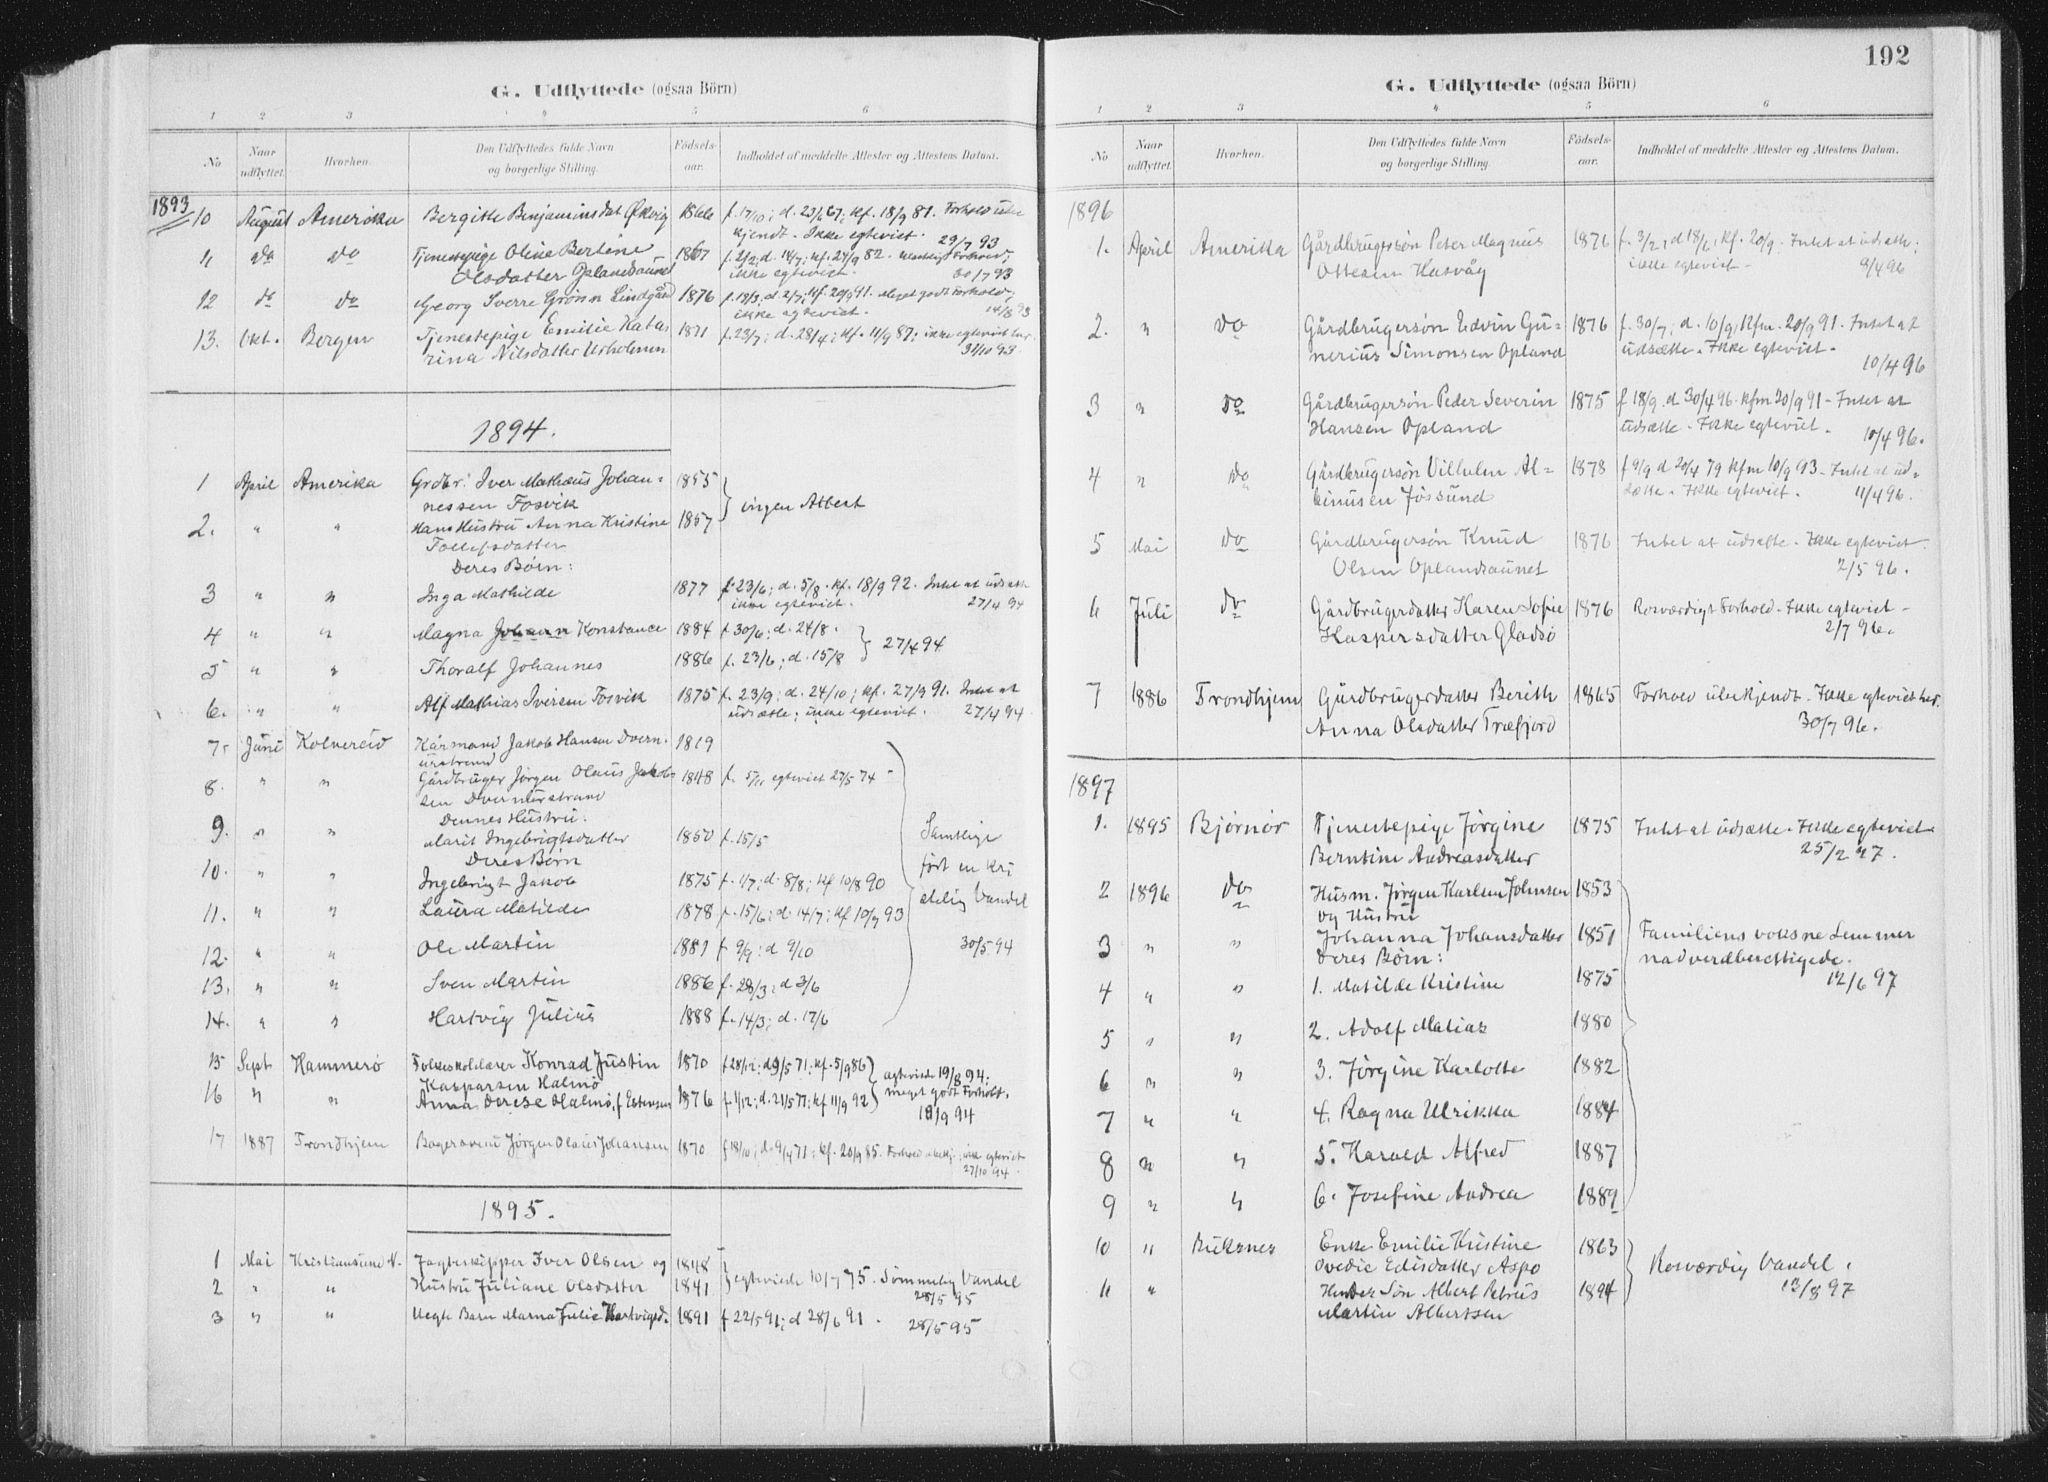 SAT, Ministerialprotokoller, klokkerbøker og fødselsregistre - Nord-Trøndelag, 771/L0597: Ministerialbok nr. 771A04, 1885-1910, s. 192